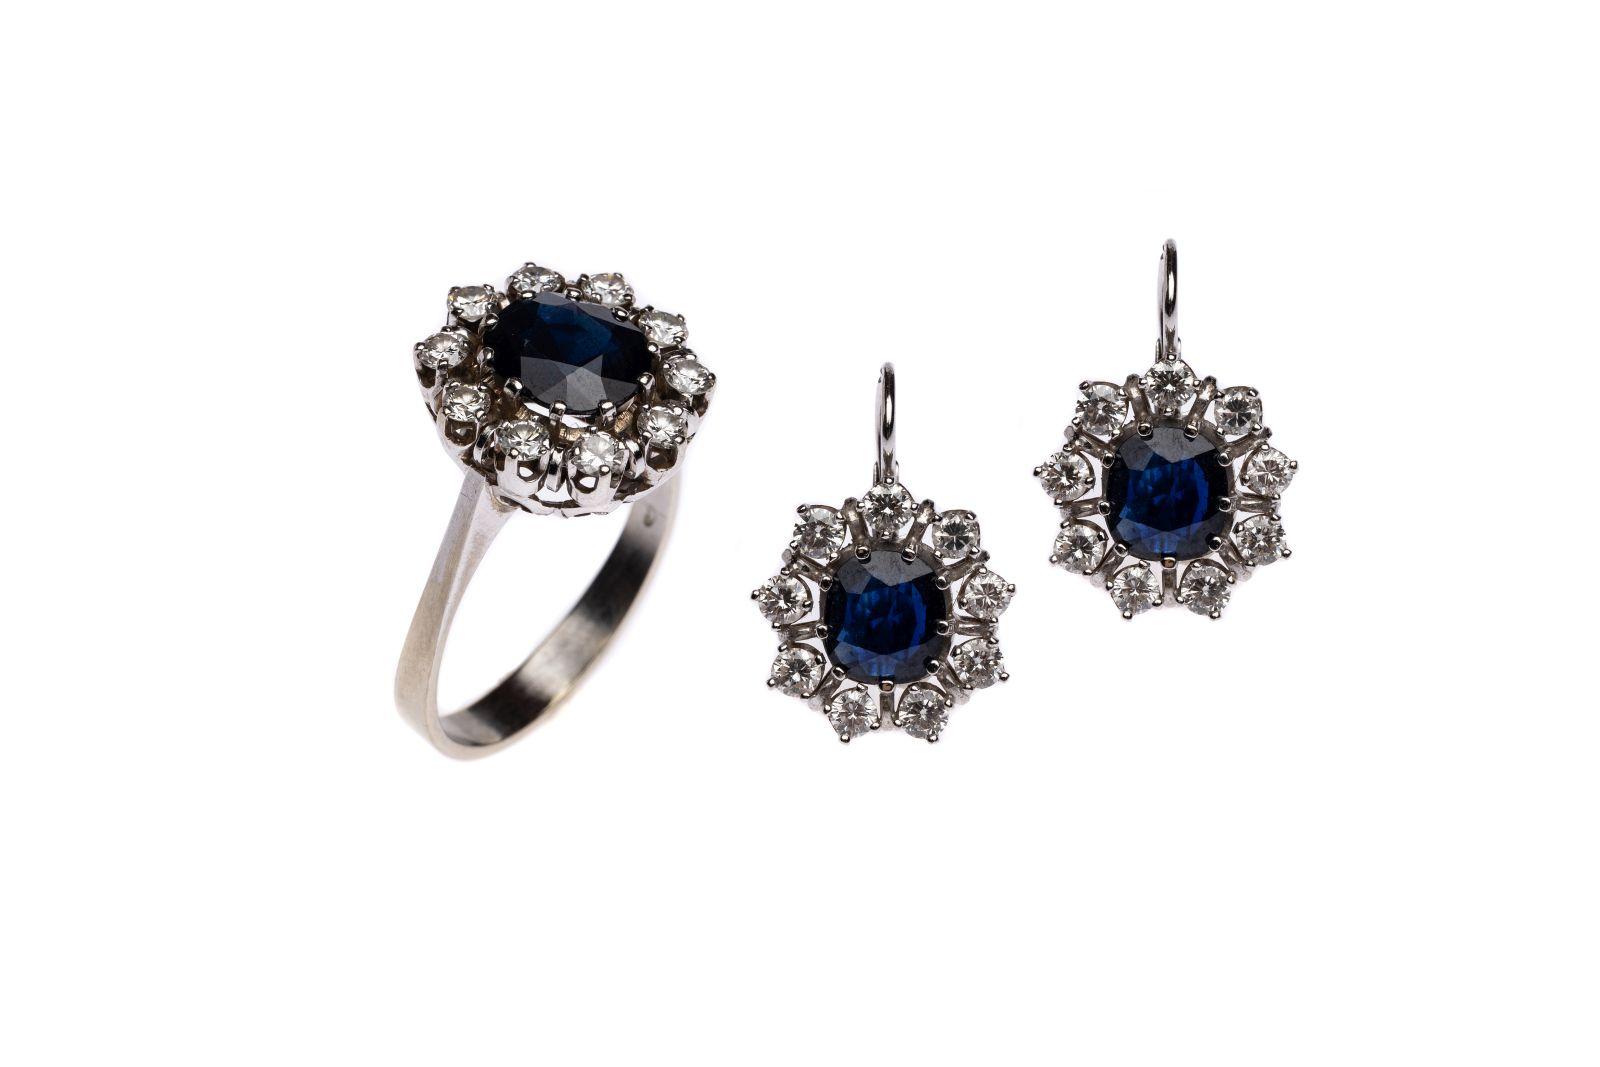 #147 Ladies ring and ear wires | Damenring und Ohrbrisuren Image